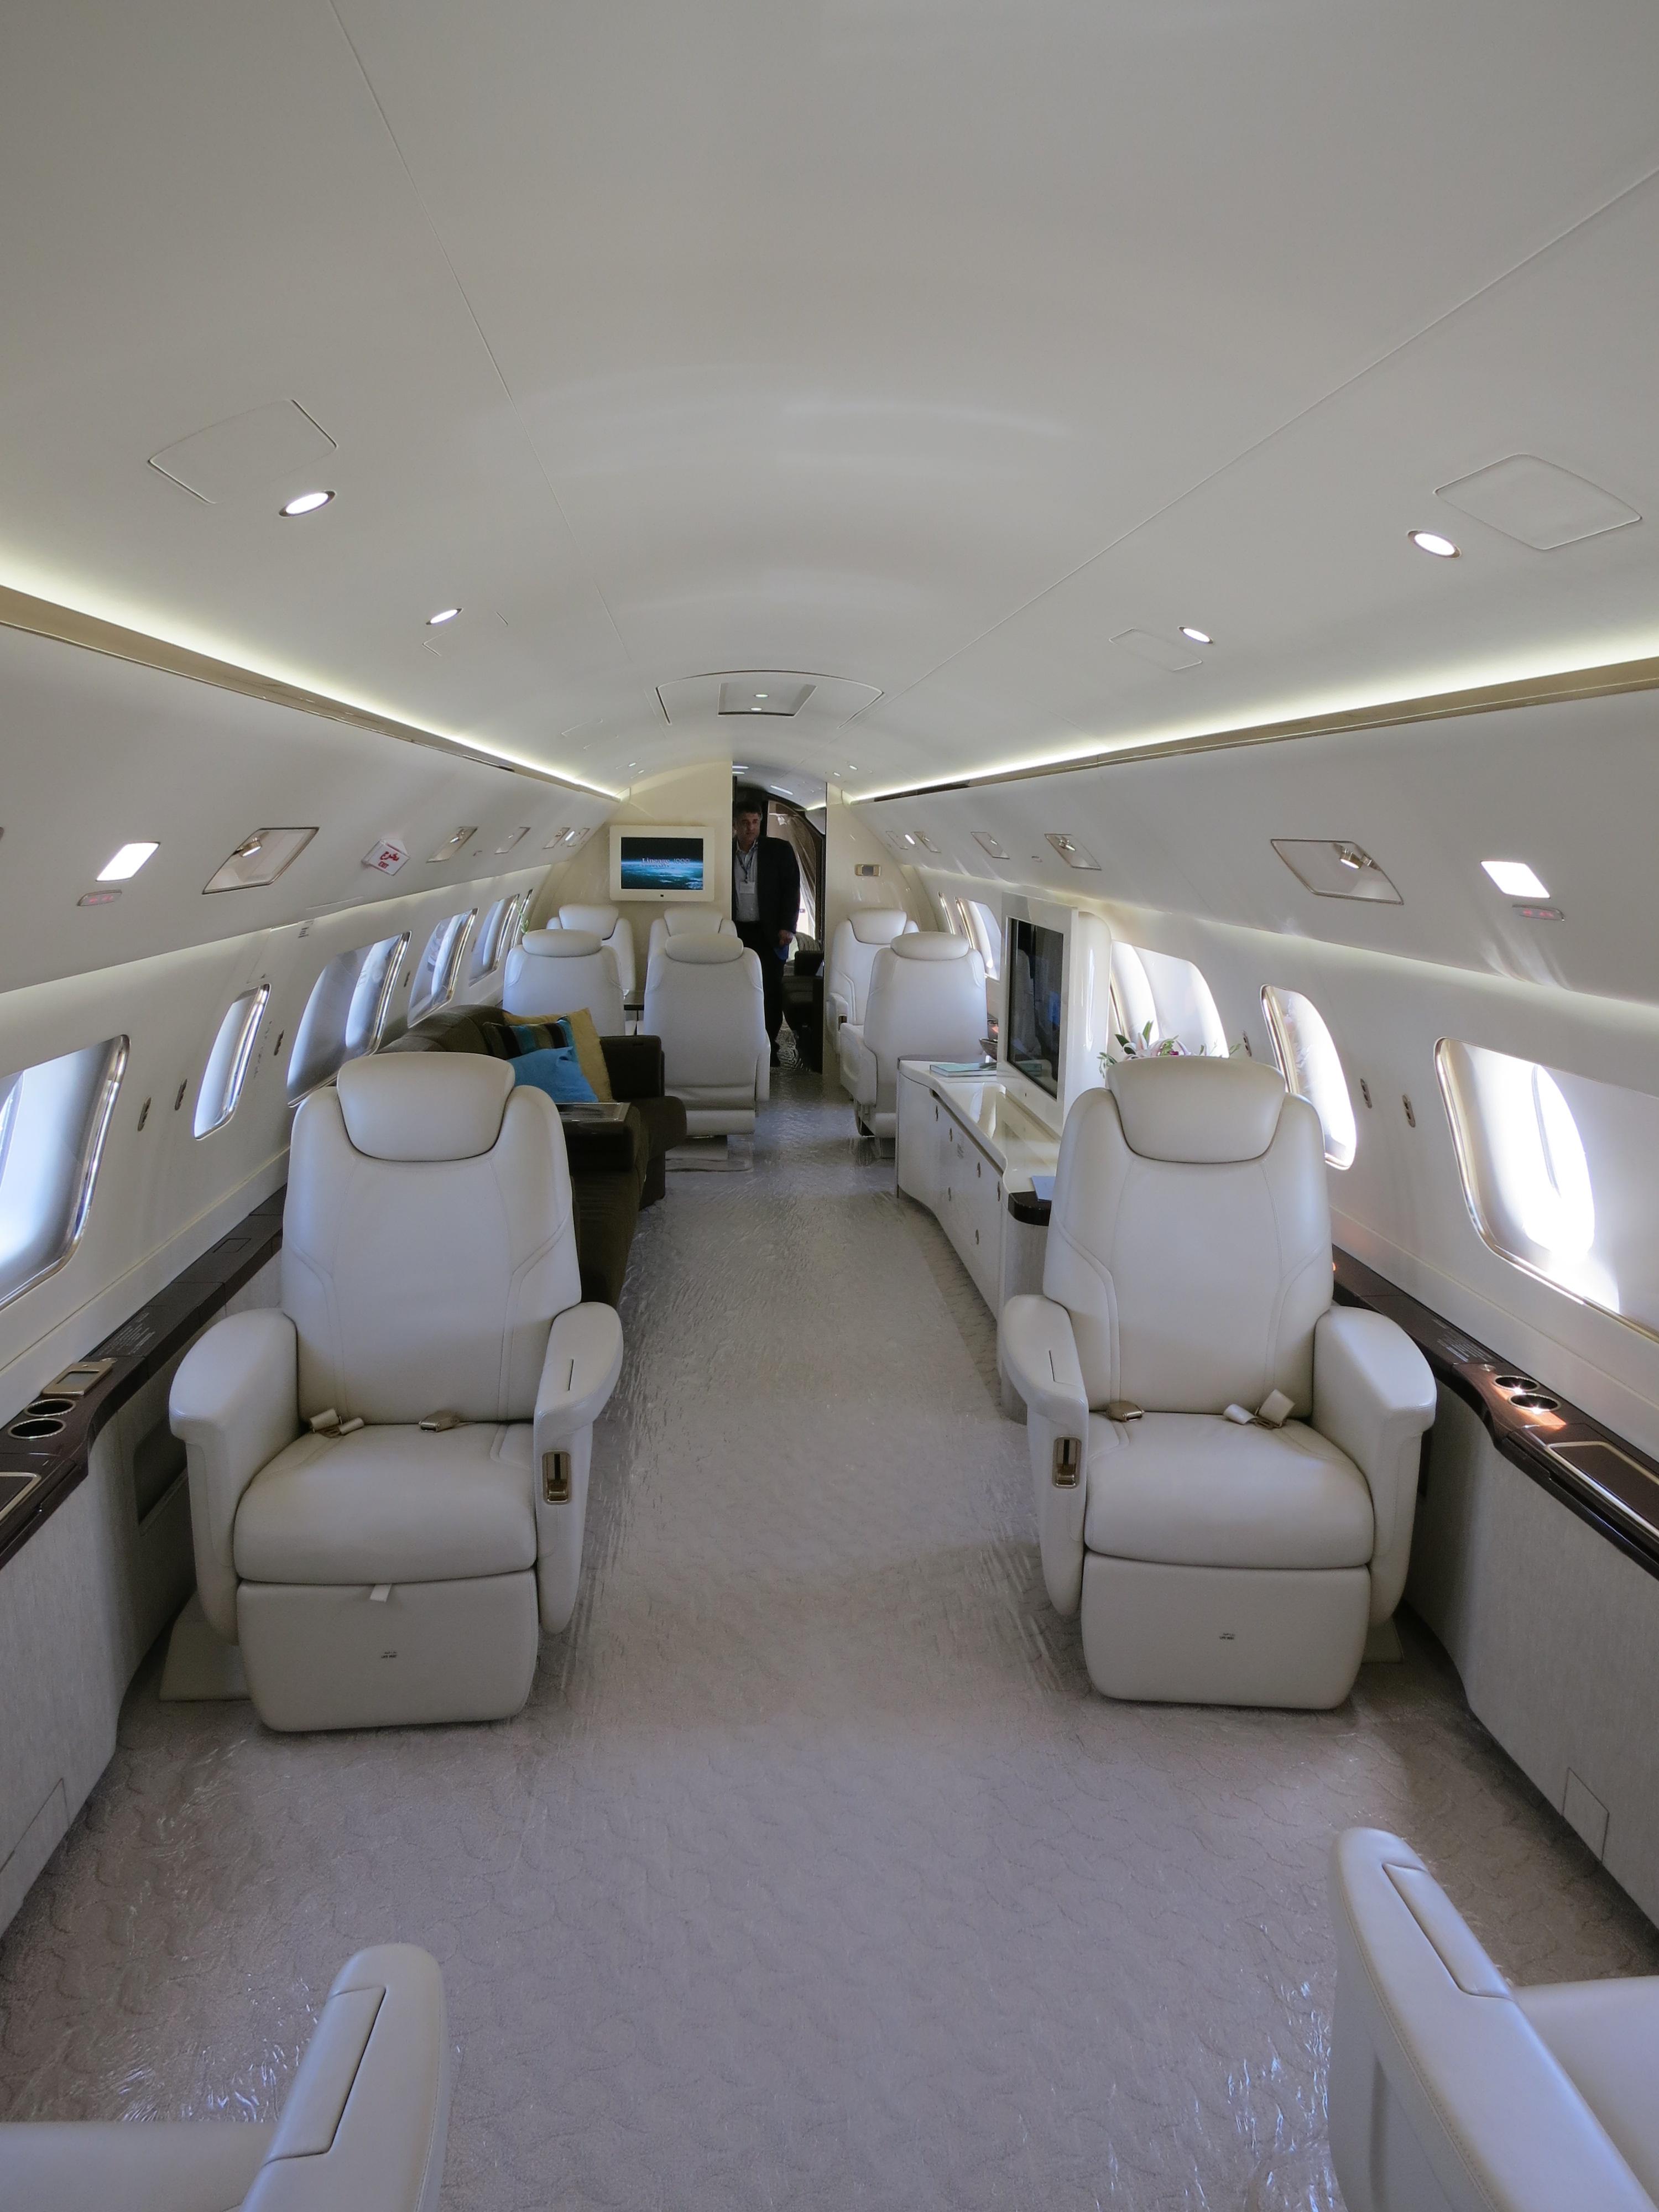 File embraer lineage 1000 interior forward cabin jpg wikimedia - File Embraer Lineage 1000 Interior Forward Cabin Jpg Wikimedia 28